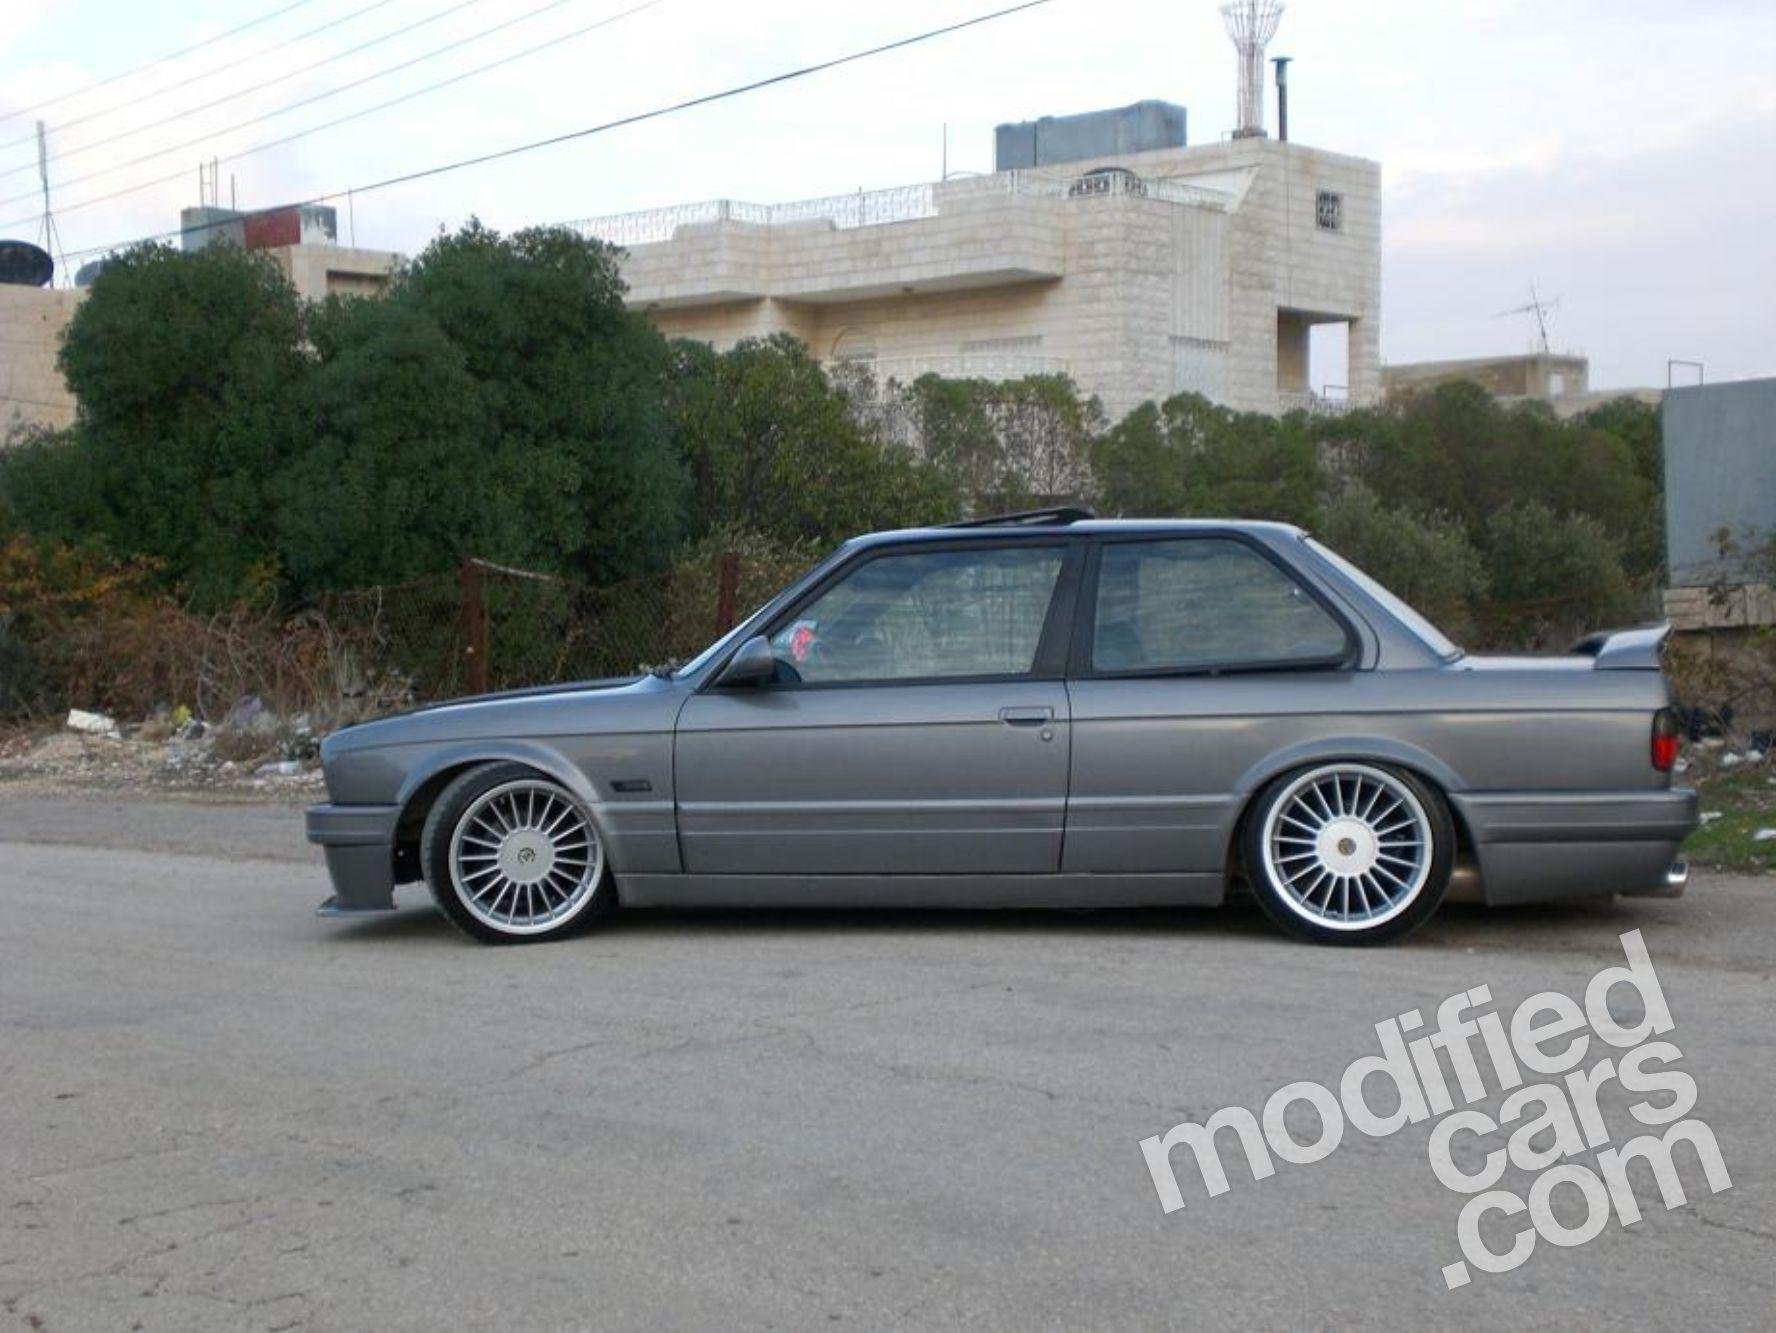 Modded Bmw E30 320i Hails From Jordan Photo Gallery 9 Jpg 1 776